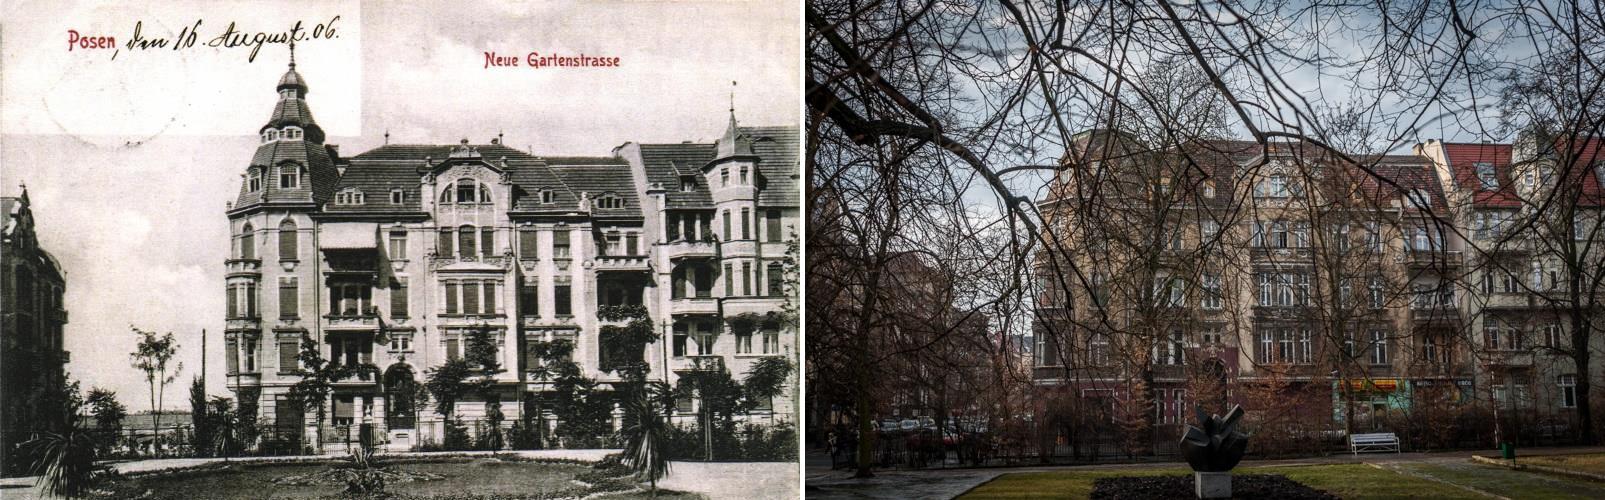 Matejki Neue Gartenstrasse 1906